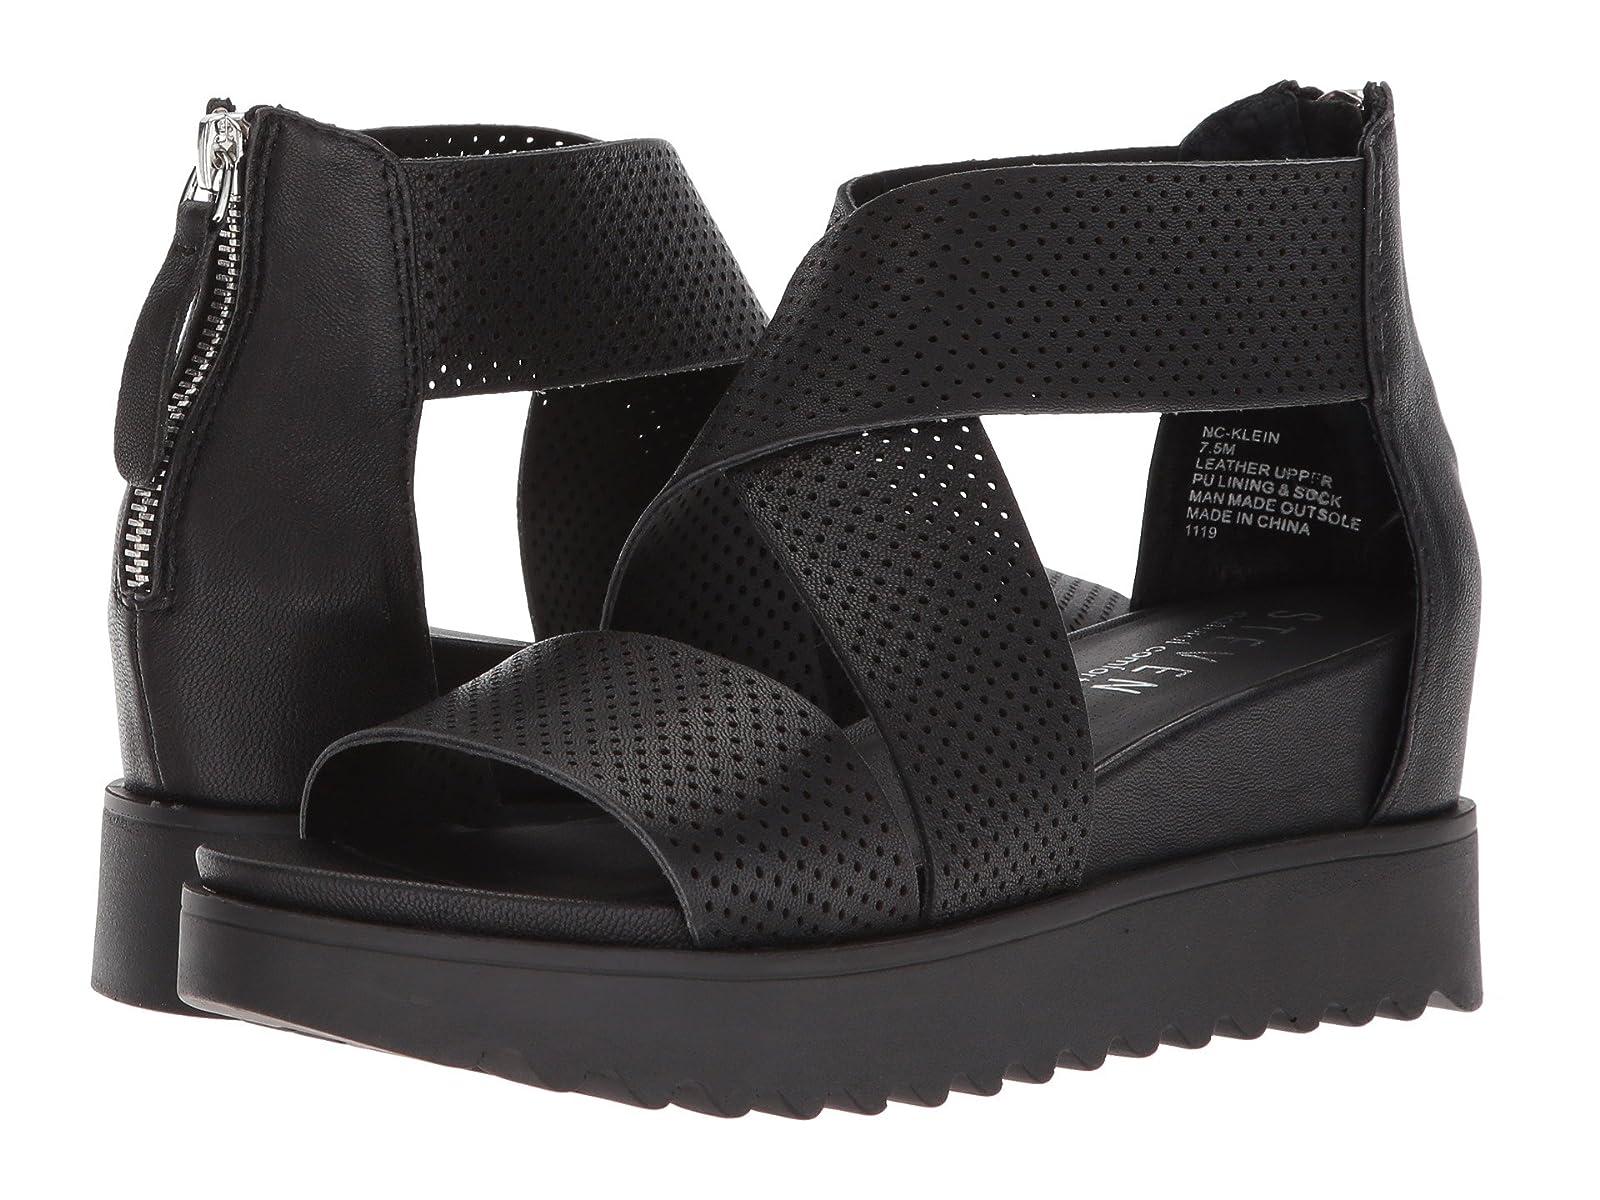 Steven NC-Klein Wedge SandalAtmospheric grades have affordable shoes